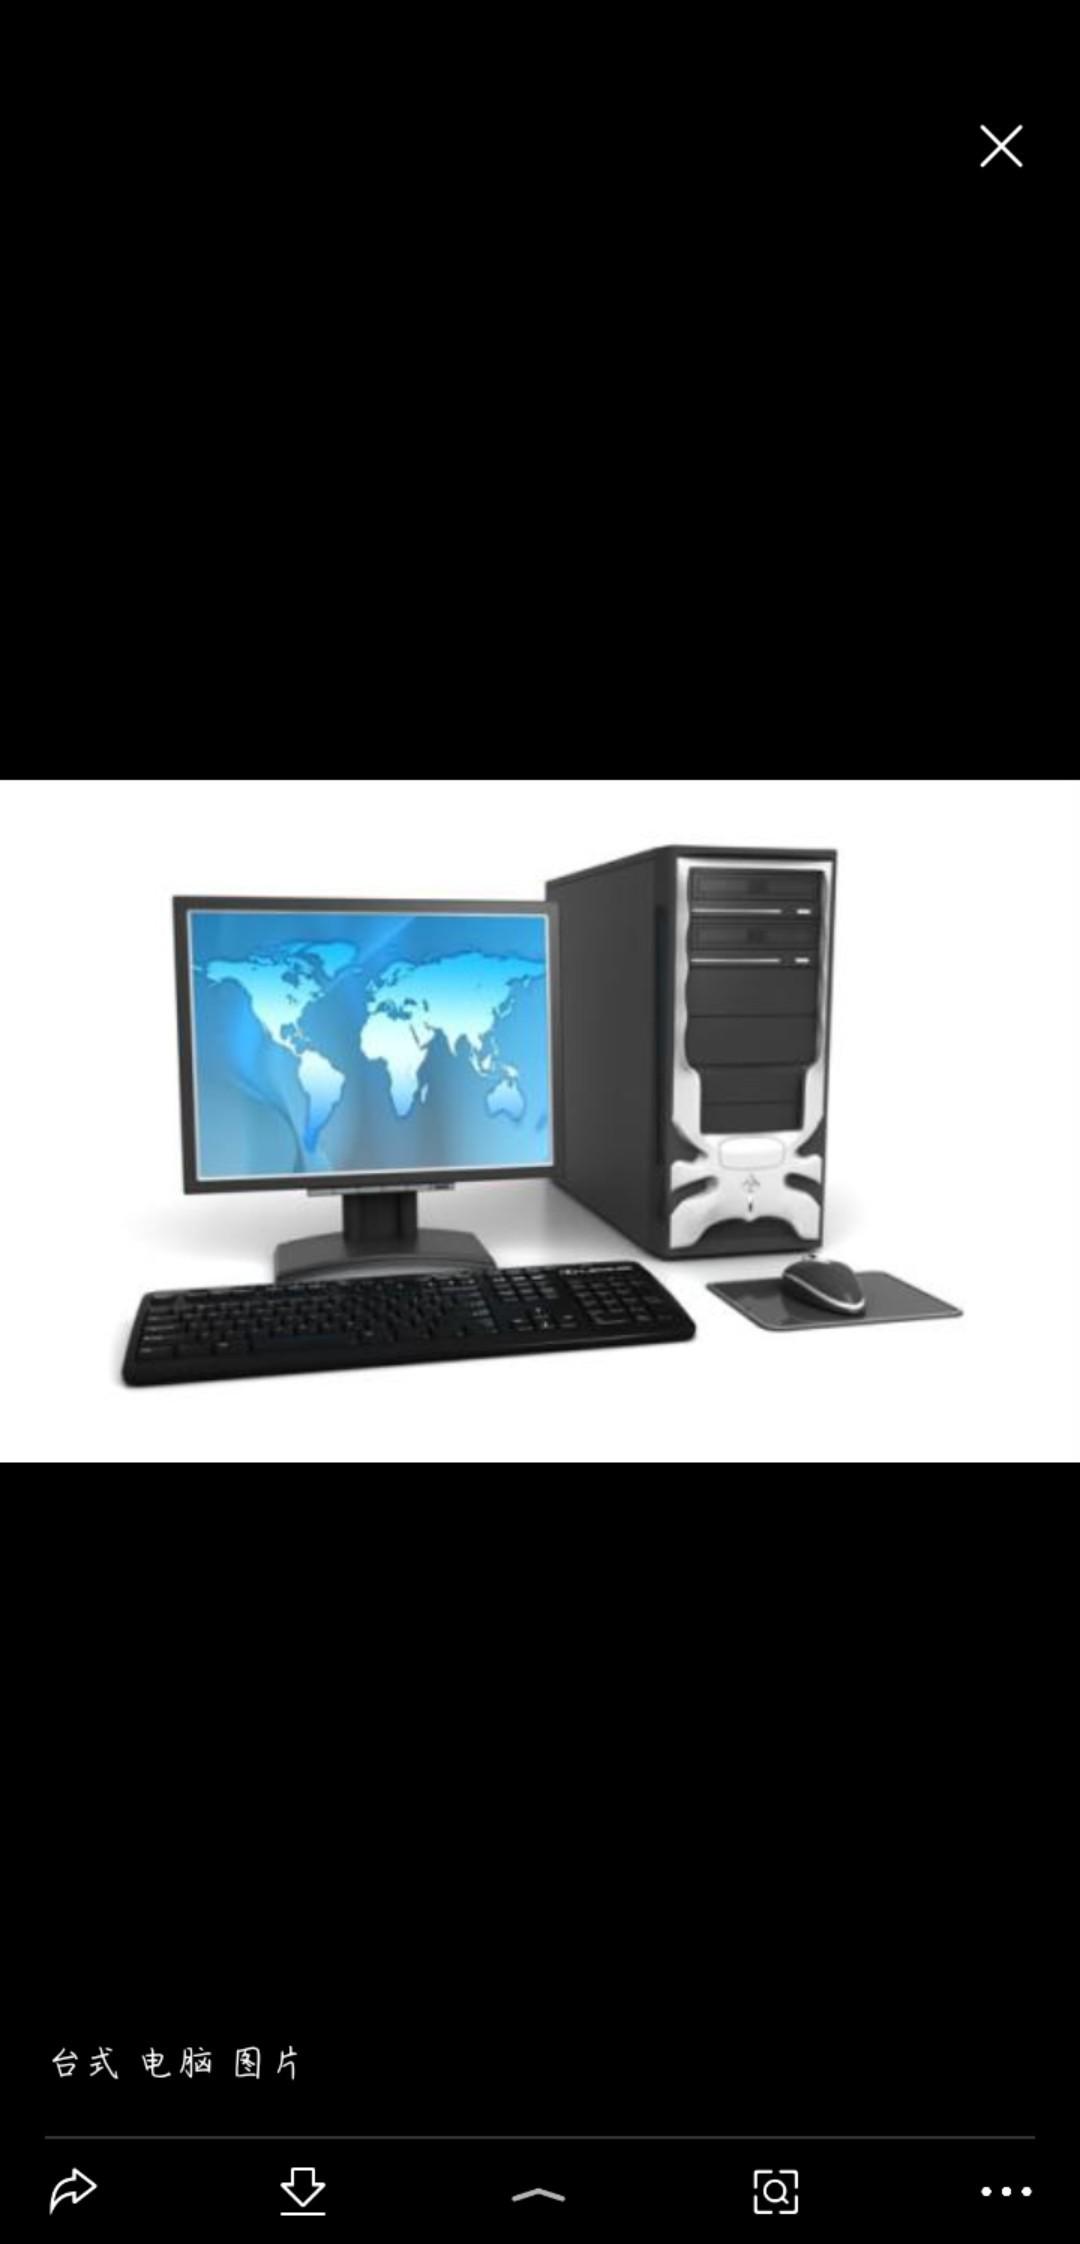 电脑复制粘贴快捷键 电脑普通操作快捷键大盘点